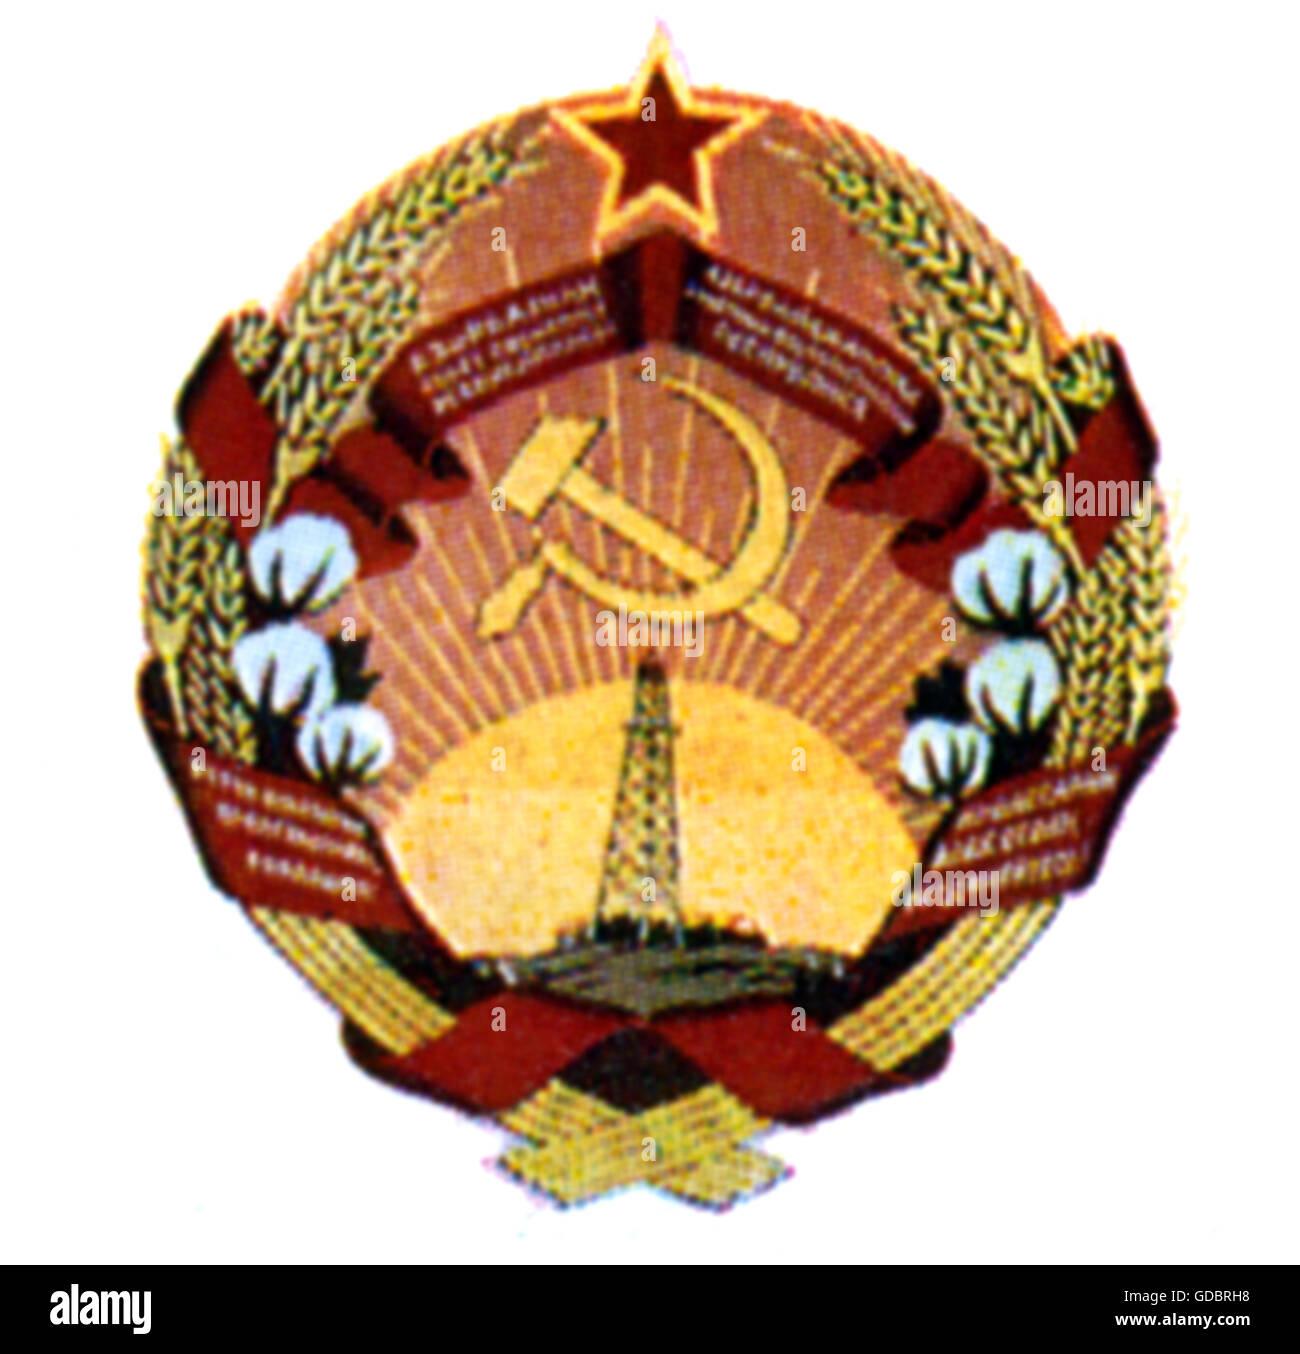 Heraldik, Wappen, Aserbaidschan, staatliche Wappen der Aserbaidschanischen Sozialistischen Republik (AsSSR), 1922 Stockfoto